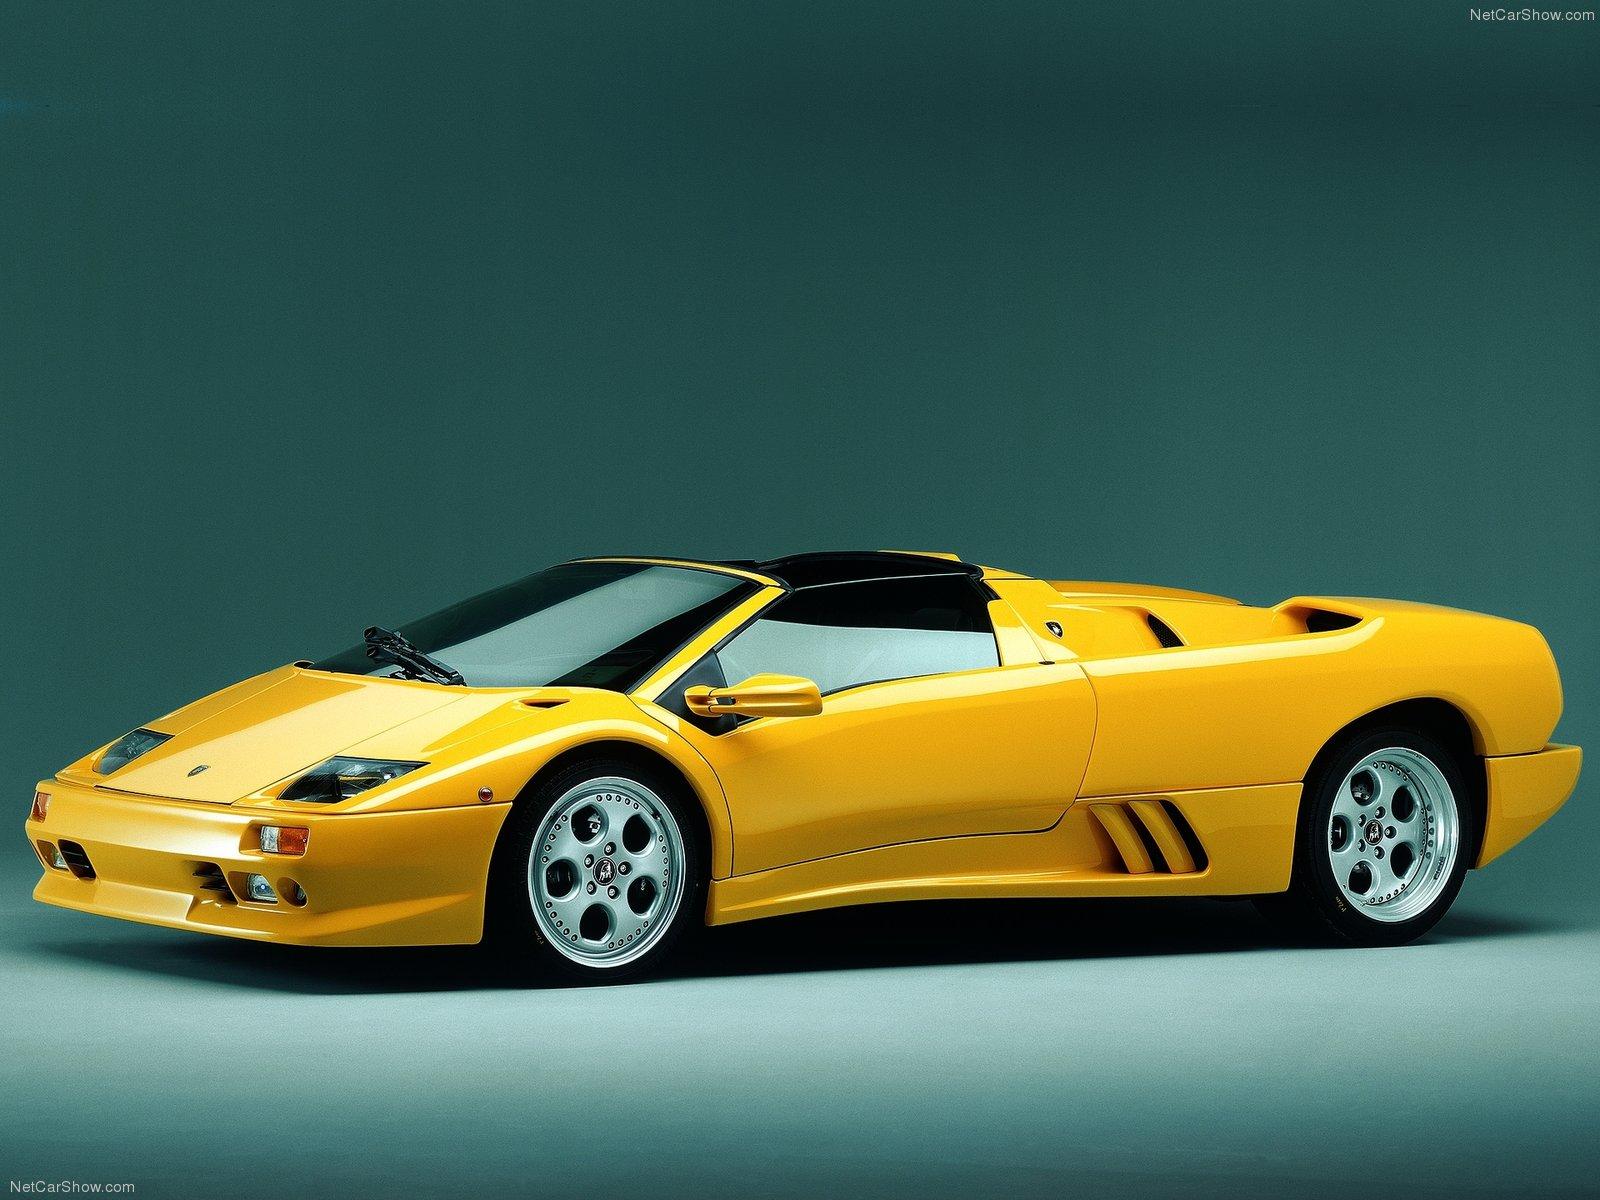 Hình ảnh siêu xe Lamborghini Diablo Roadster 1996 & nội ngoại thất